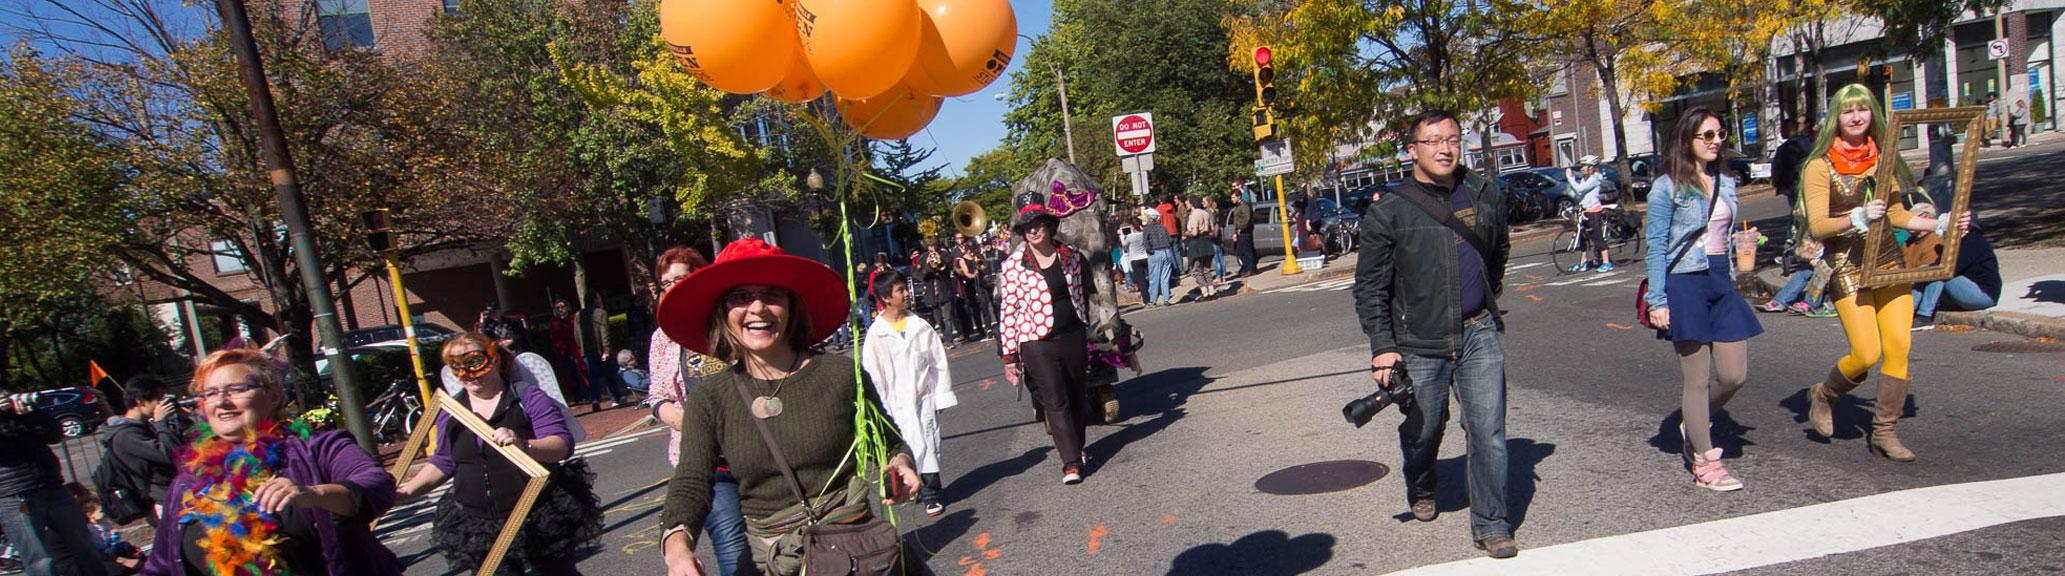 SOS at the honk parade